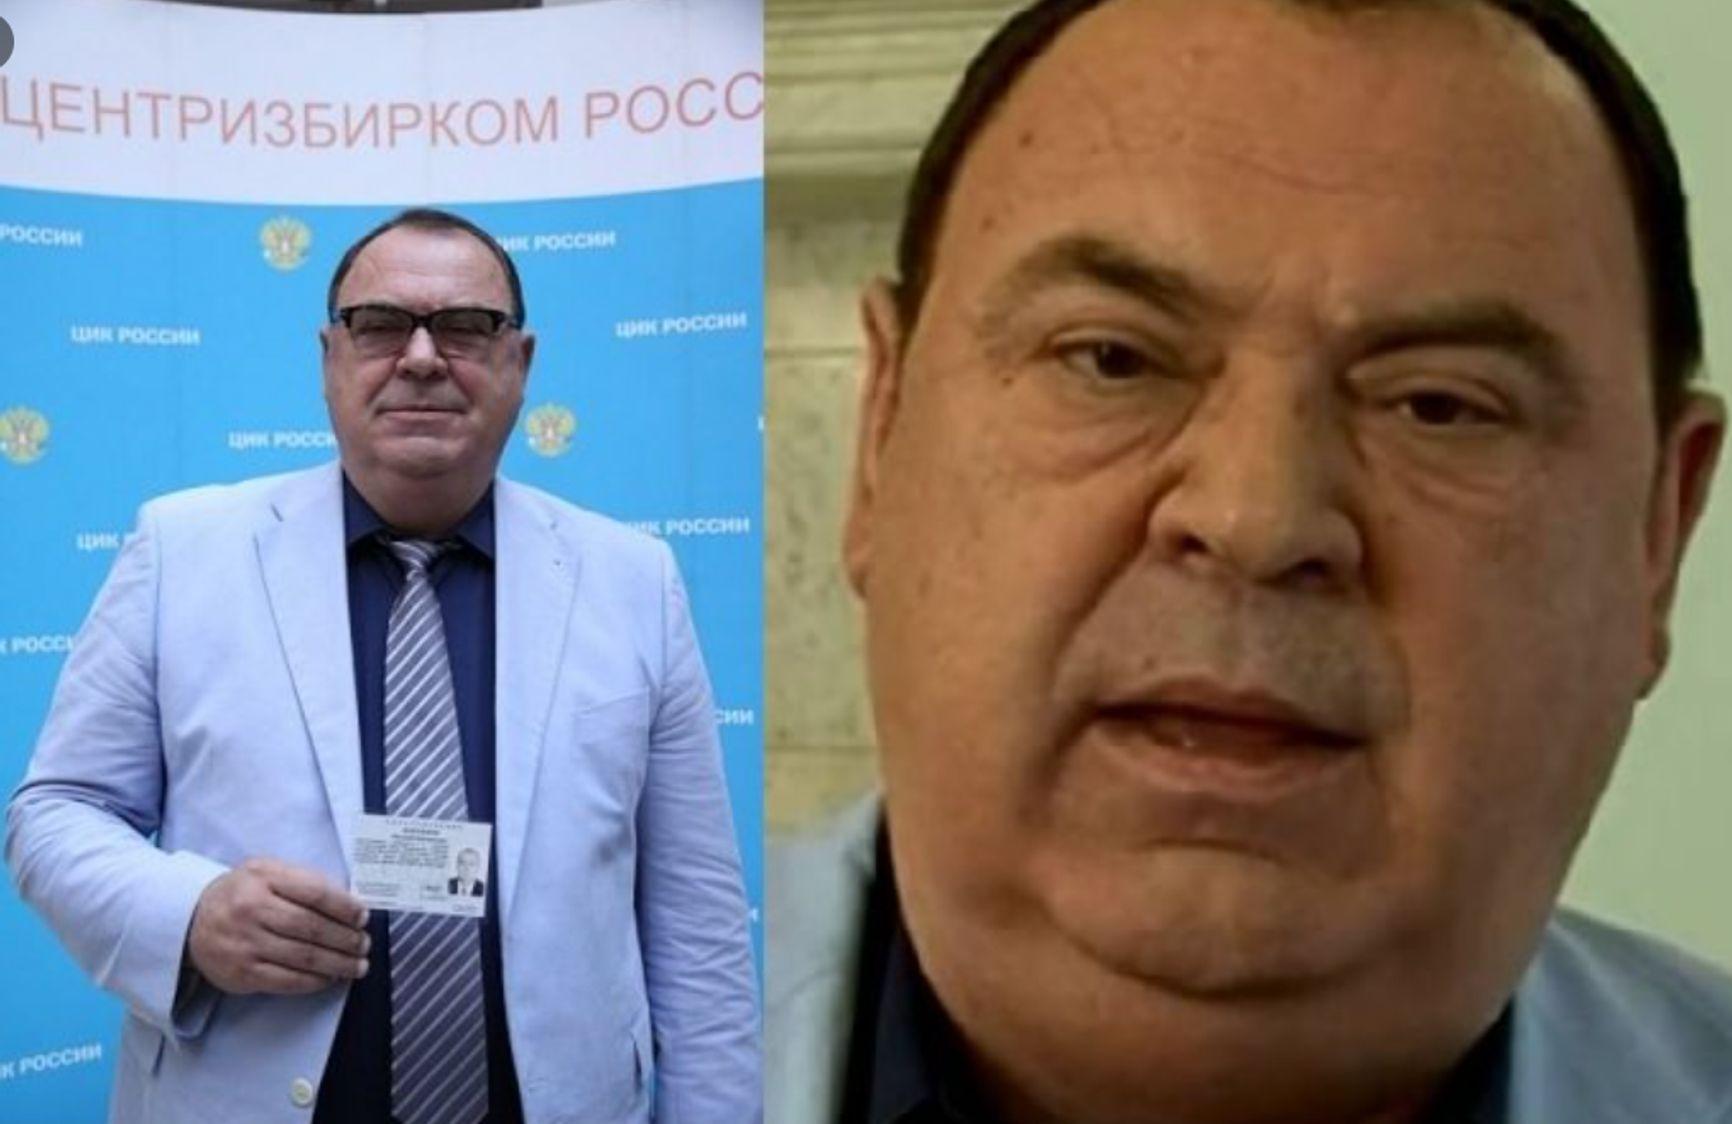 General Khokholkov